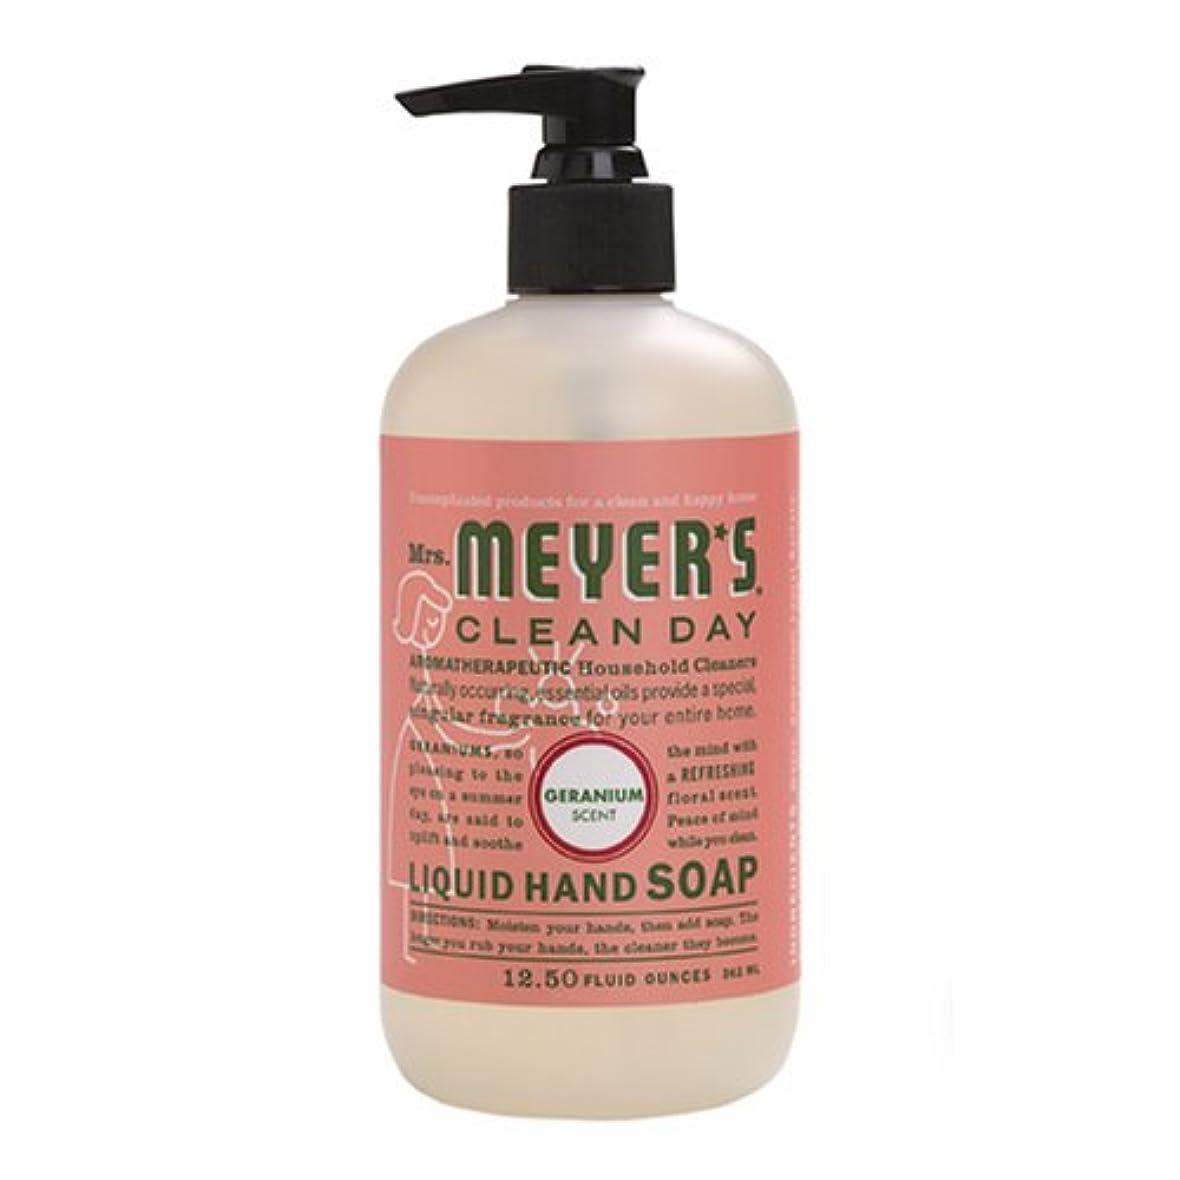 機転盗賊怒ってMrs. Meyers Clean Day, Liquid Hand Soap, Geranium Scent, 12.5 fl oz (370 ml)